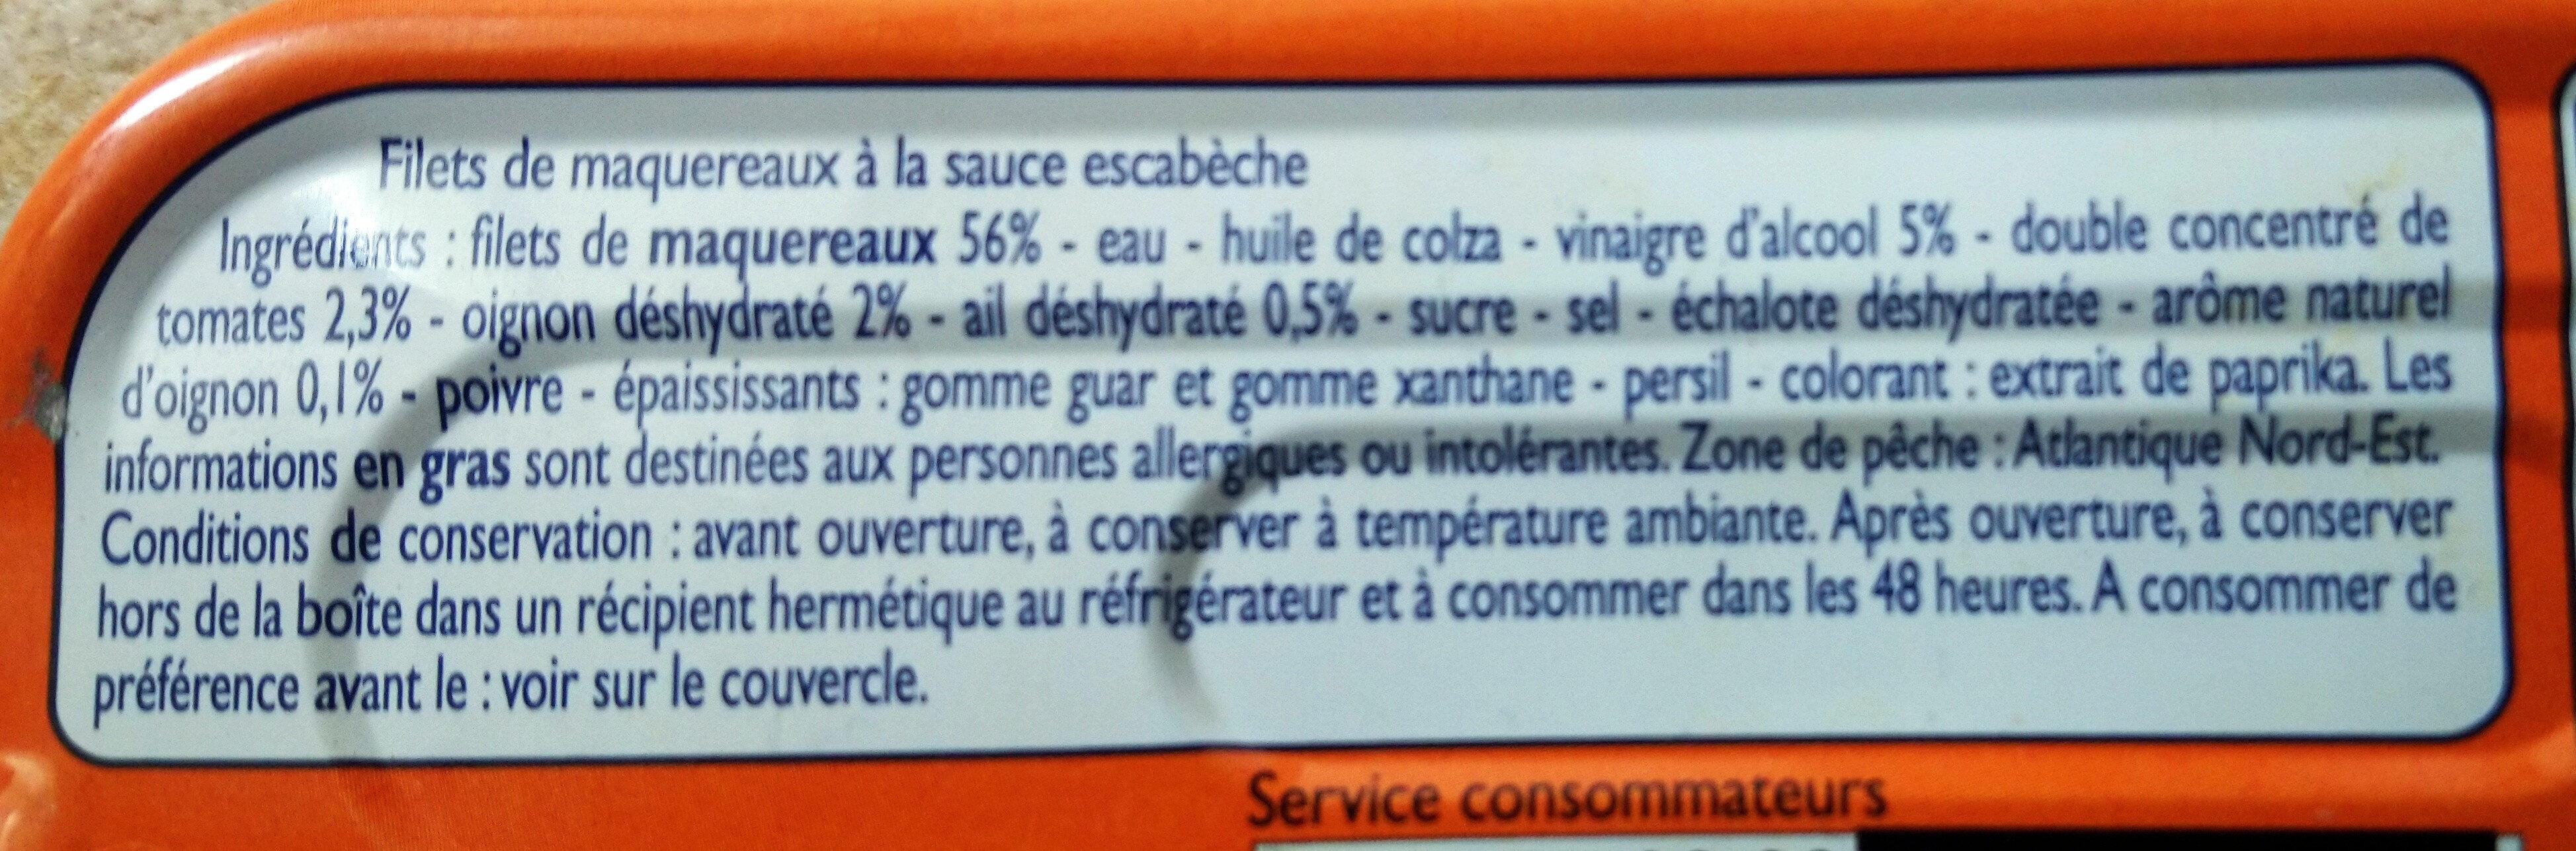 Filets de Maquereaux Sauce Escabèche - Ingrédients - fr